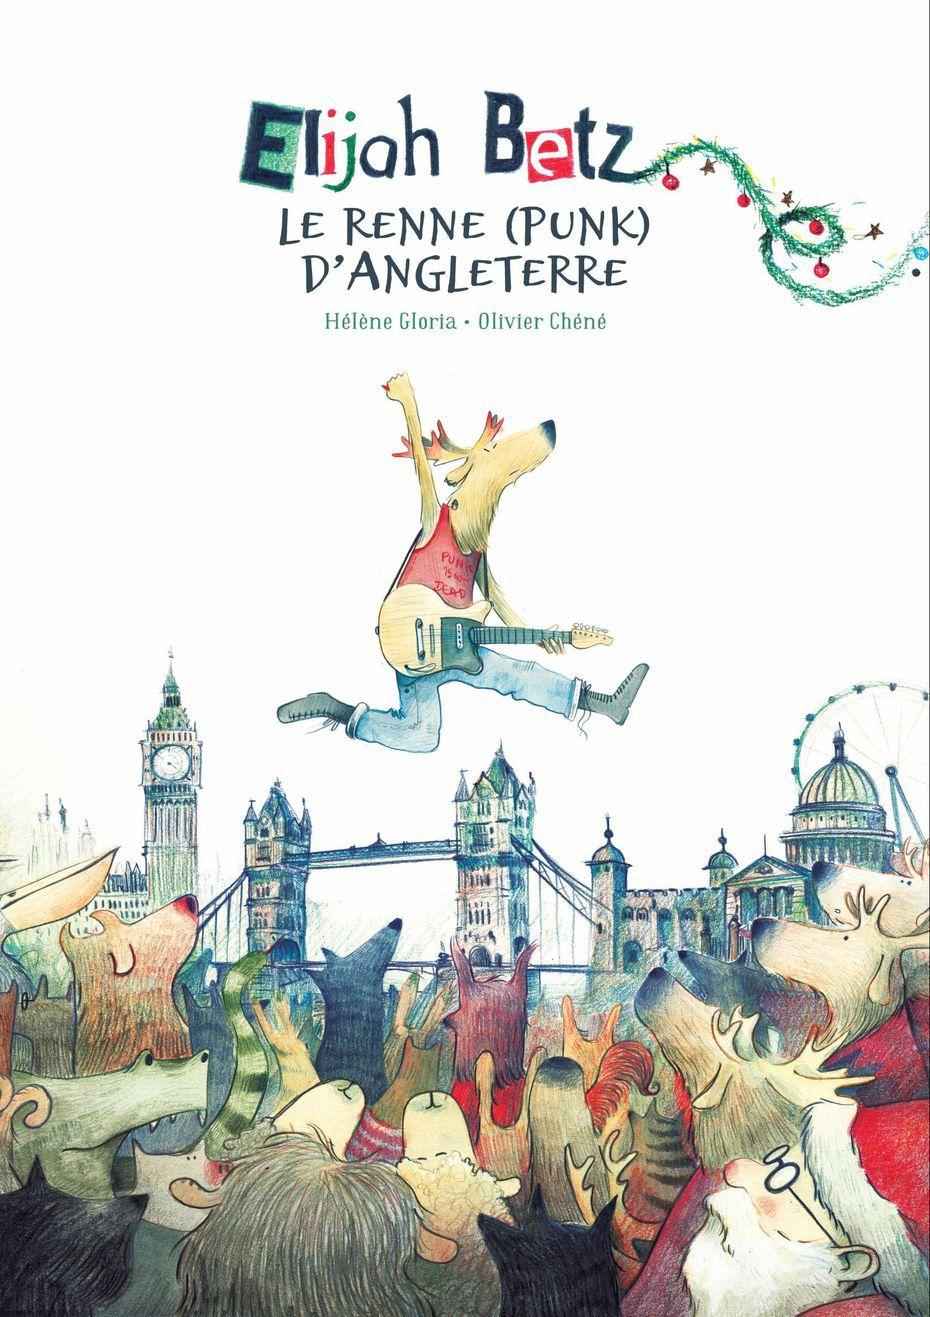 [CALENDRIER DE L'AVENT] Elijah Betz, le renne (punk) d'Angleterre / Hélène Gloria, Olivier Chéné - Entre d'Eux